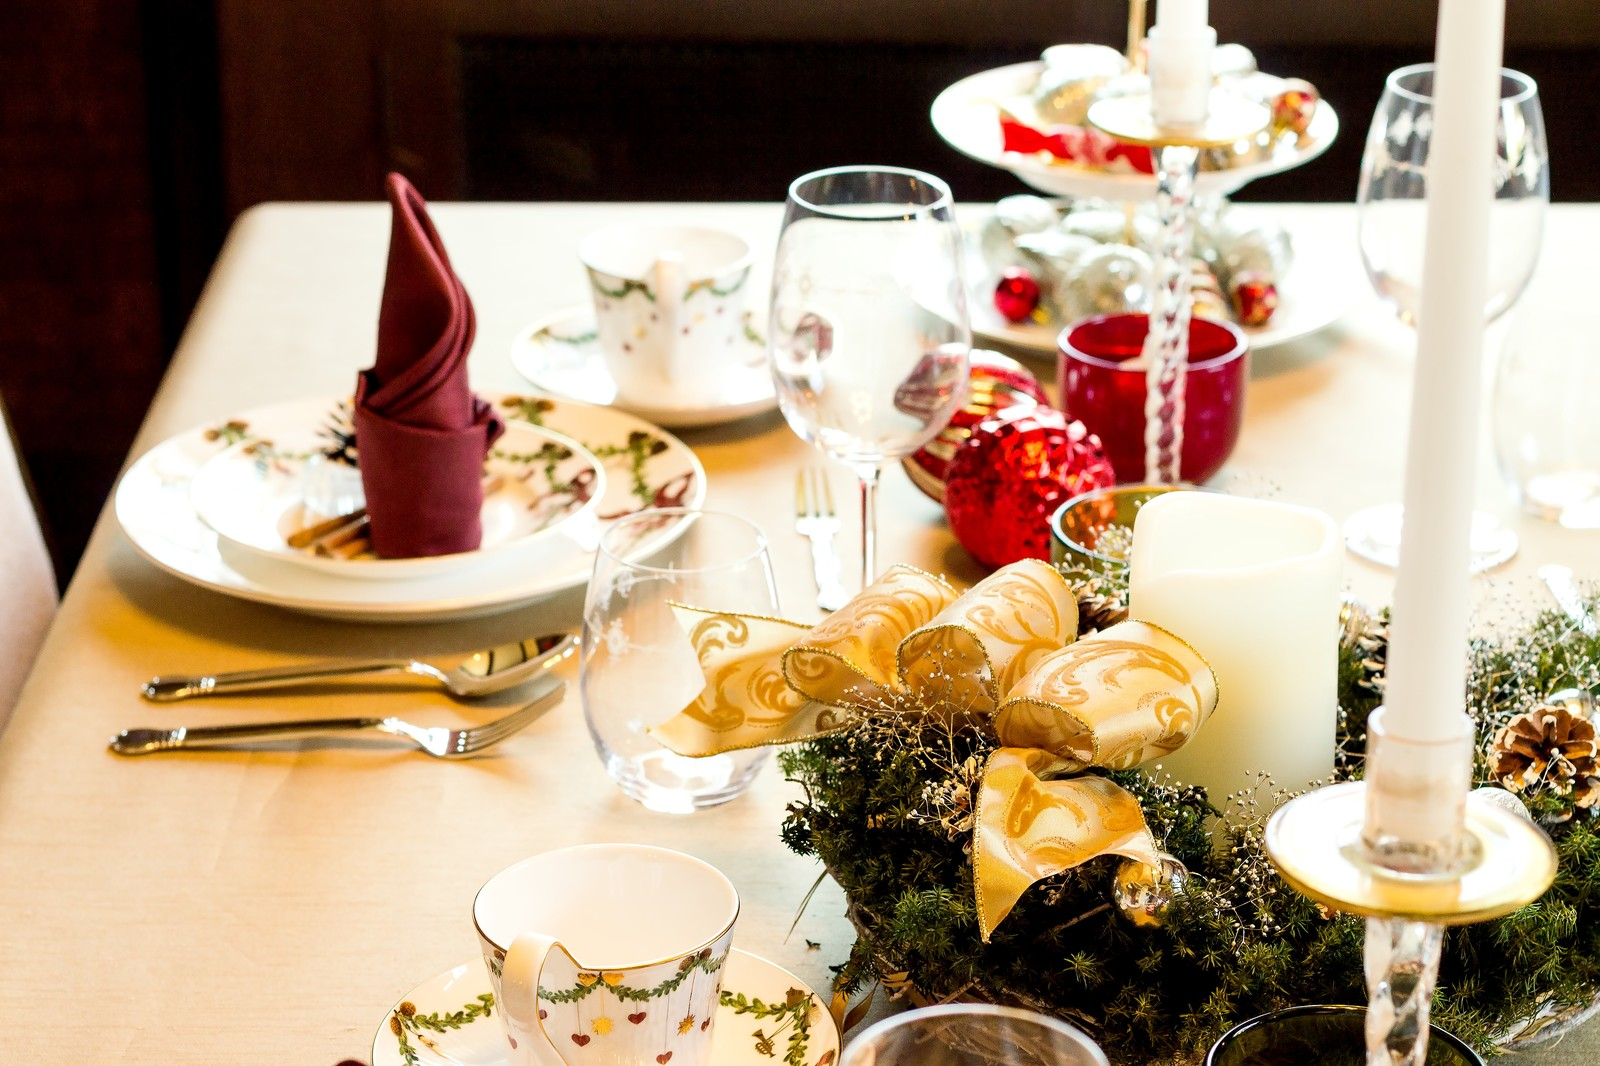 クリスマス用のテーブルセット